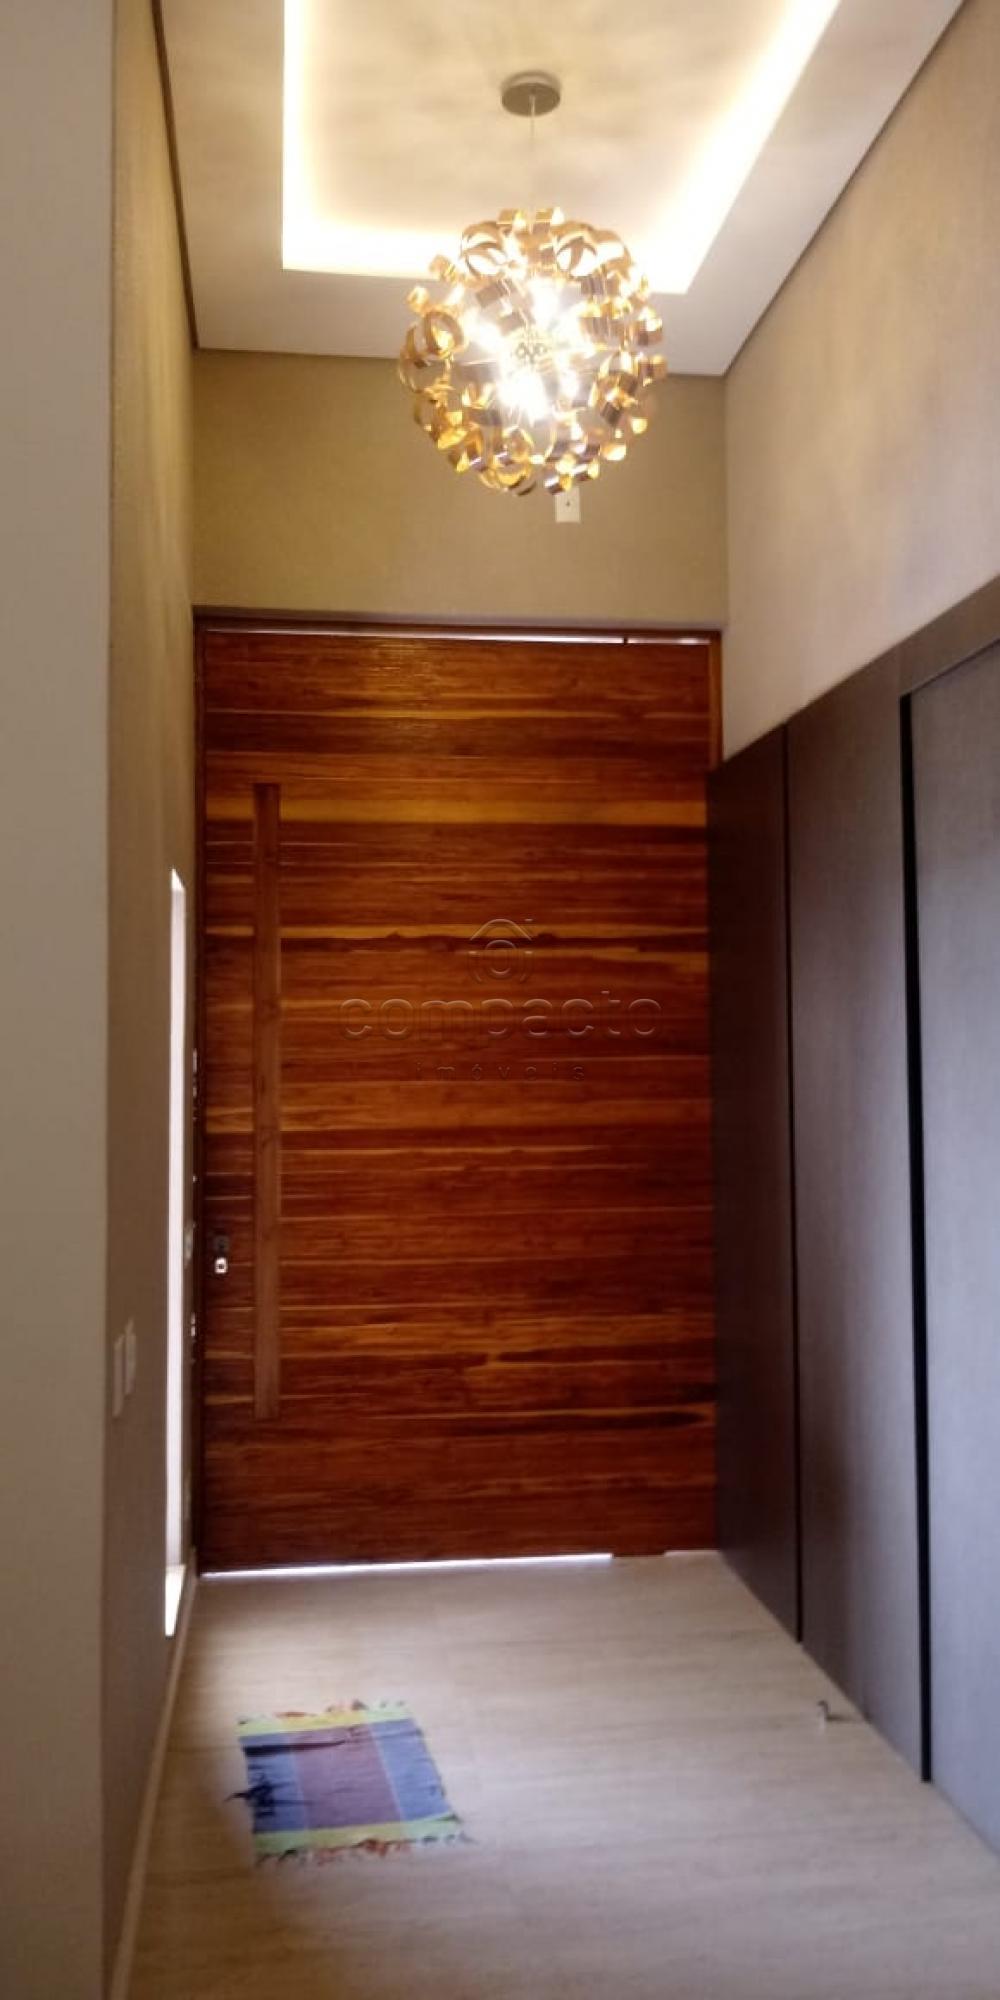 Comprar Casa / Condomínio em Mirassol apenas R$ 1.600.000,00 - Foto 3